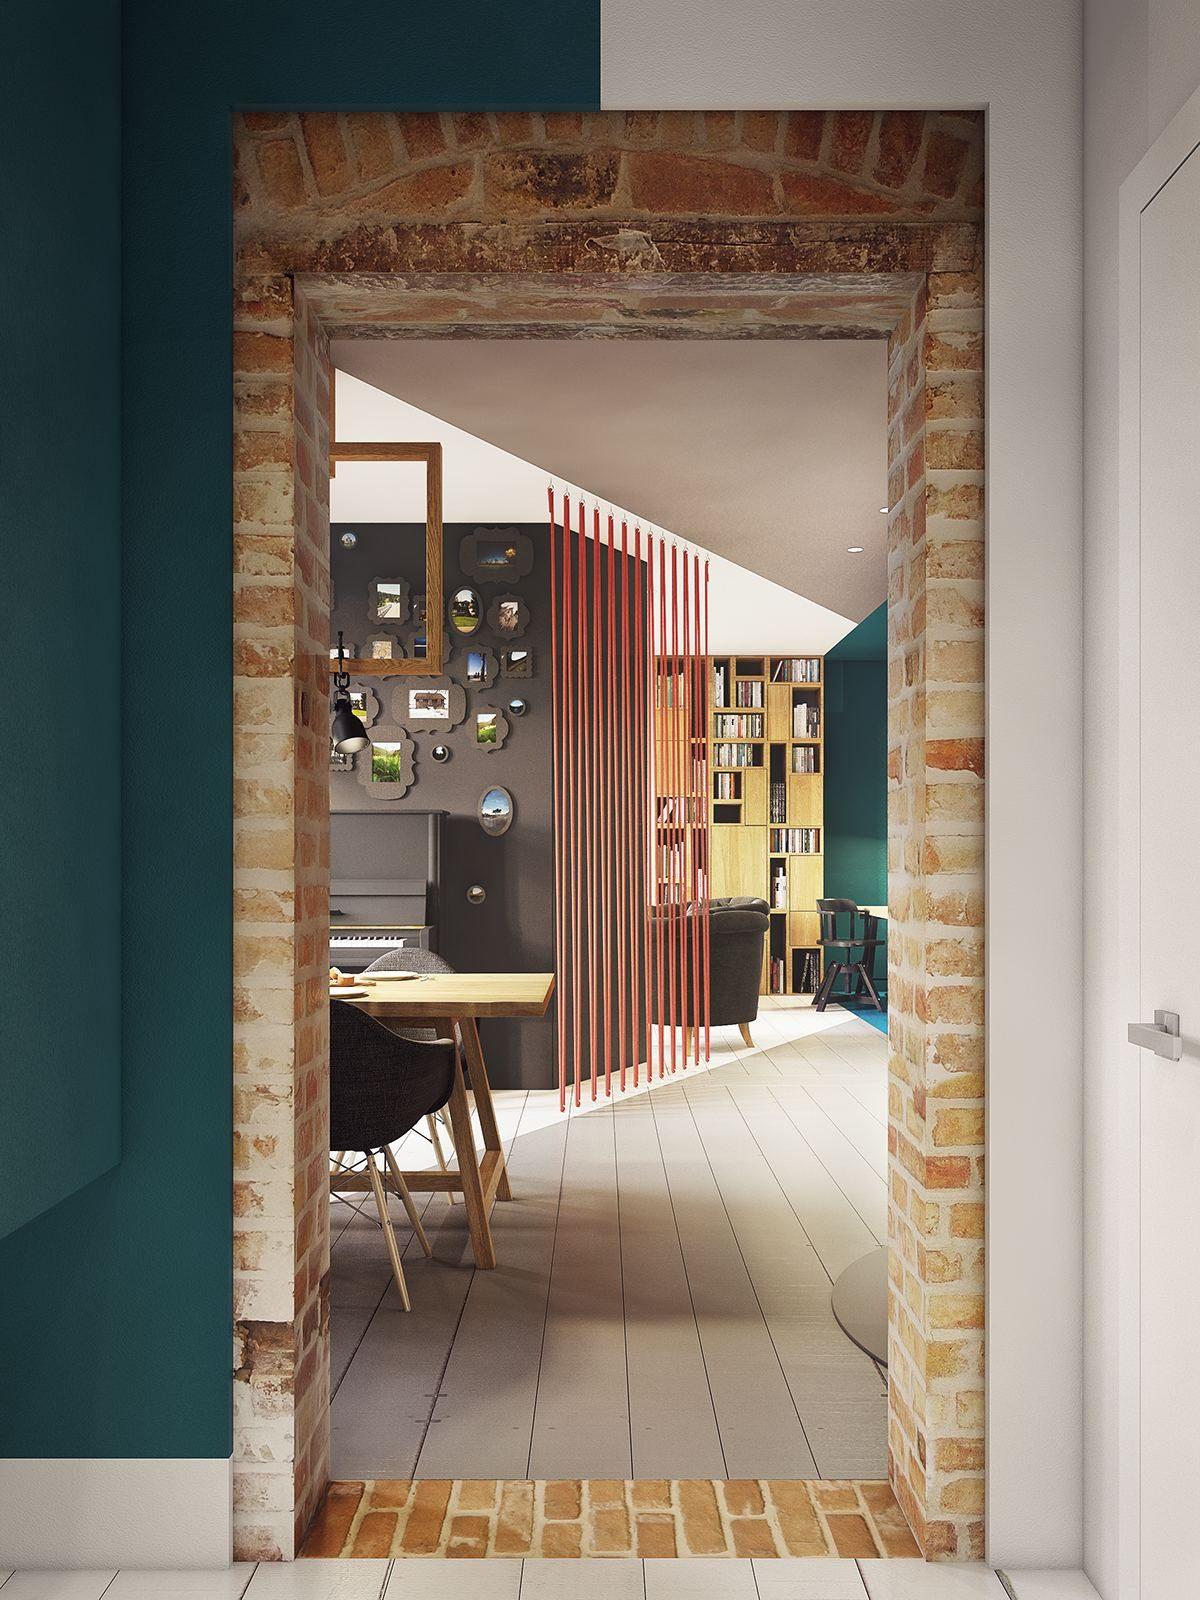 chic modern interior ideas Căn hộ hiện đại tuyệt đẹp với thiết kế đầy màu sắc qpdesign